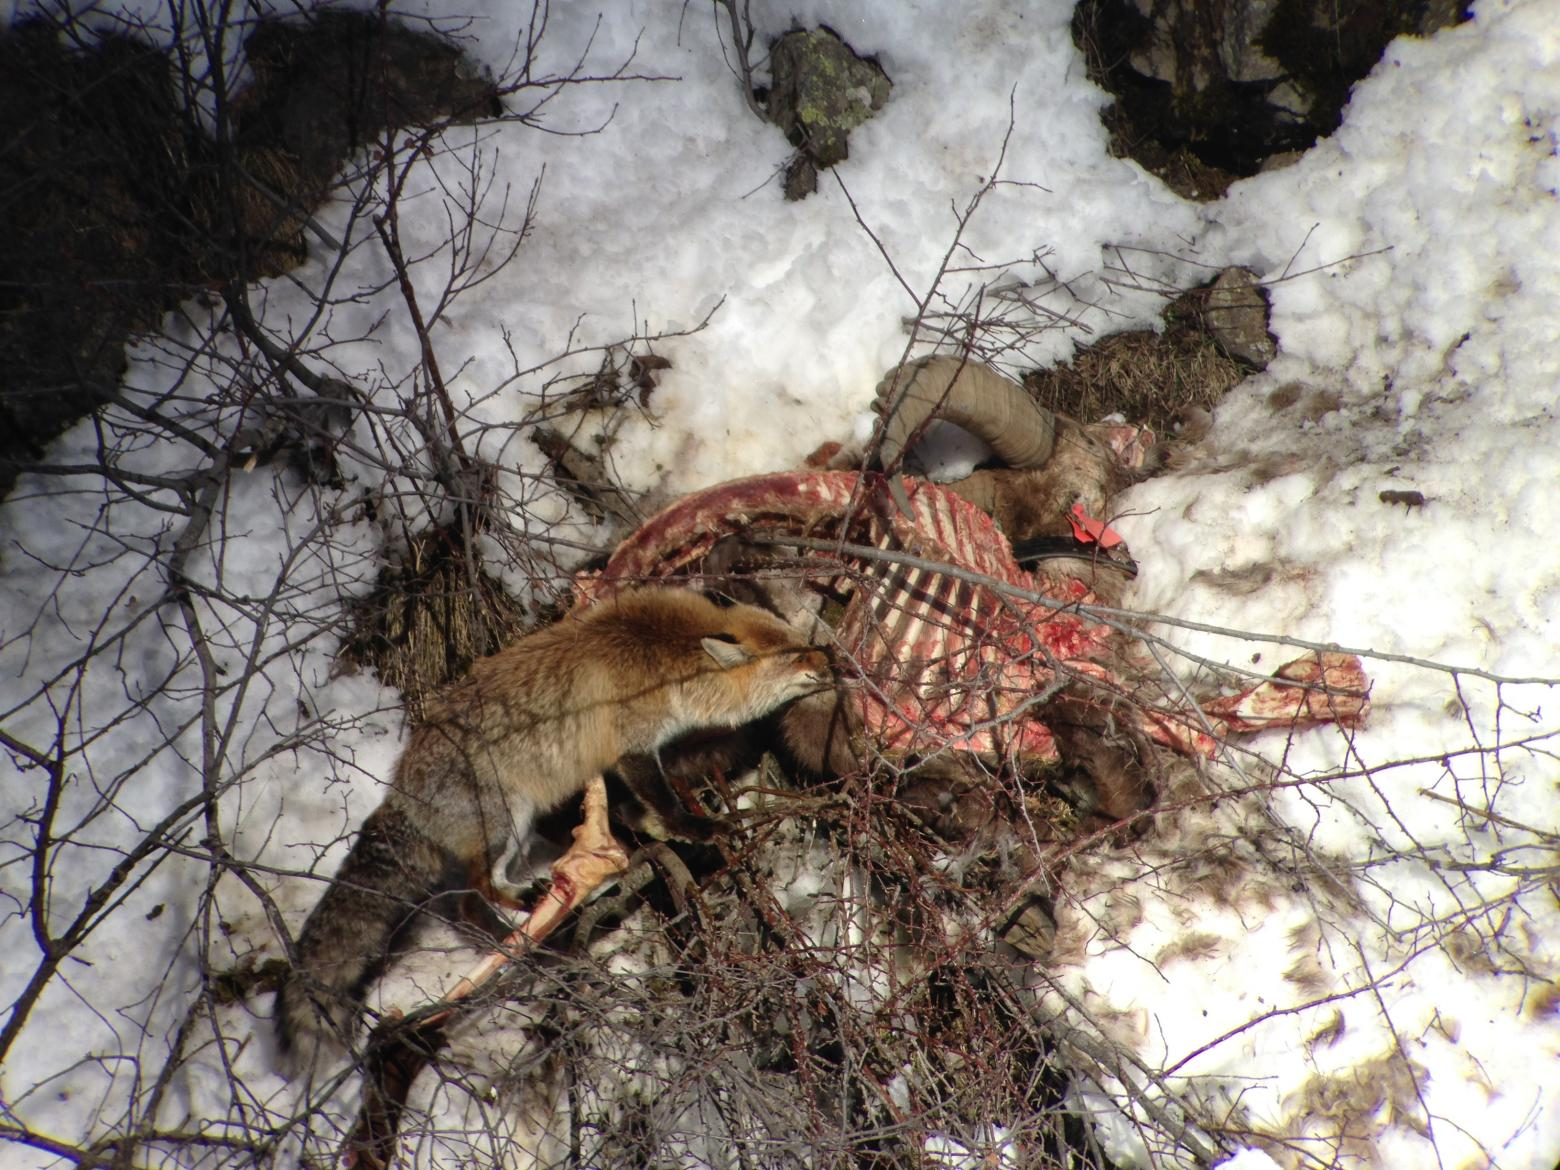 Bouqui n'a pas pu être autopsié - La chaine alimentaire continue © R.Papet - Parc national des Ecrins